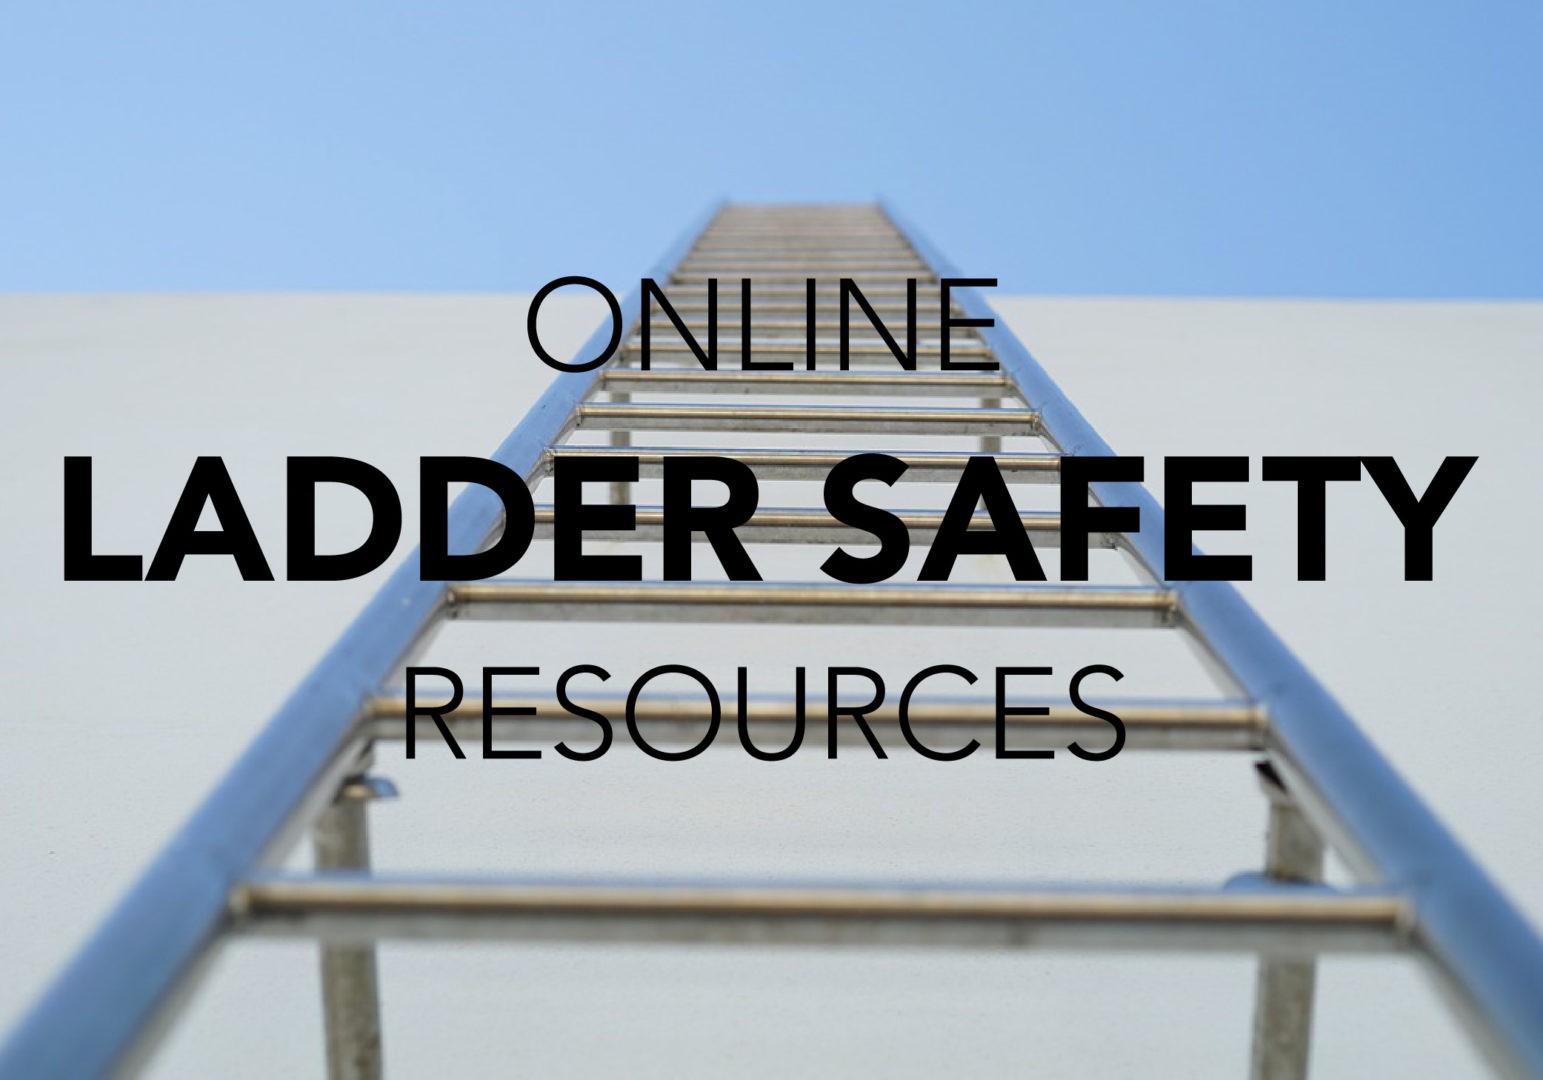 Online Ladder Safety Resources